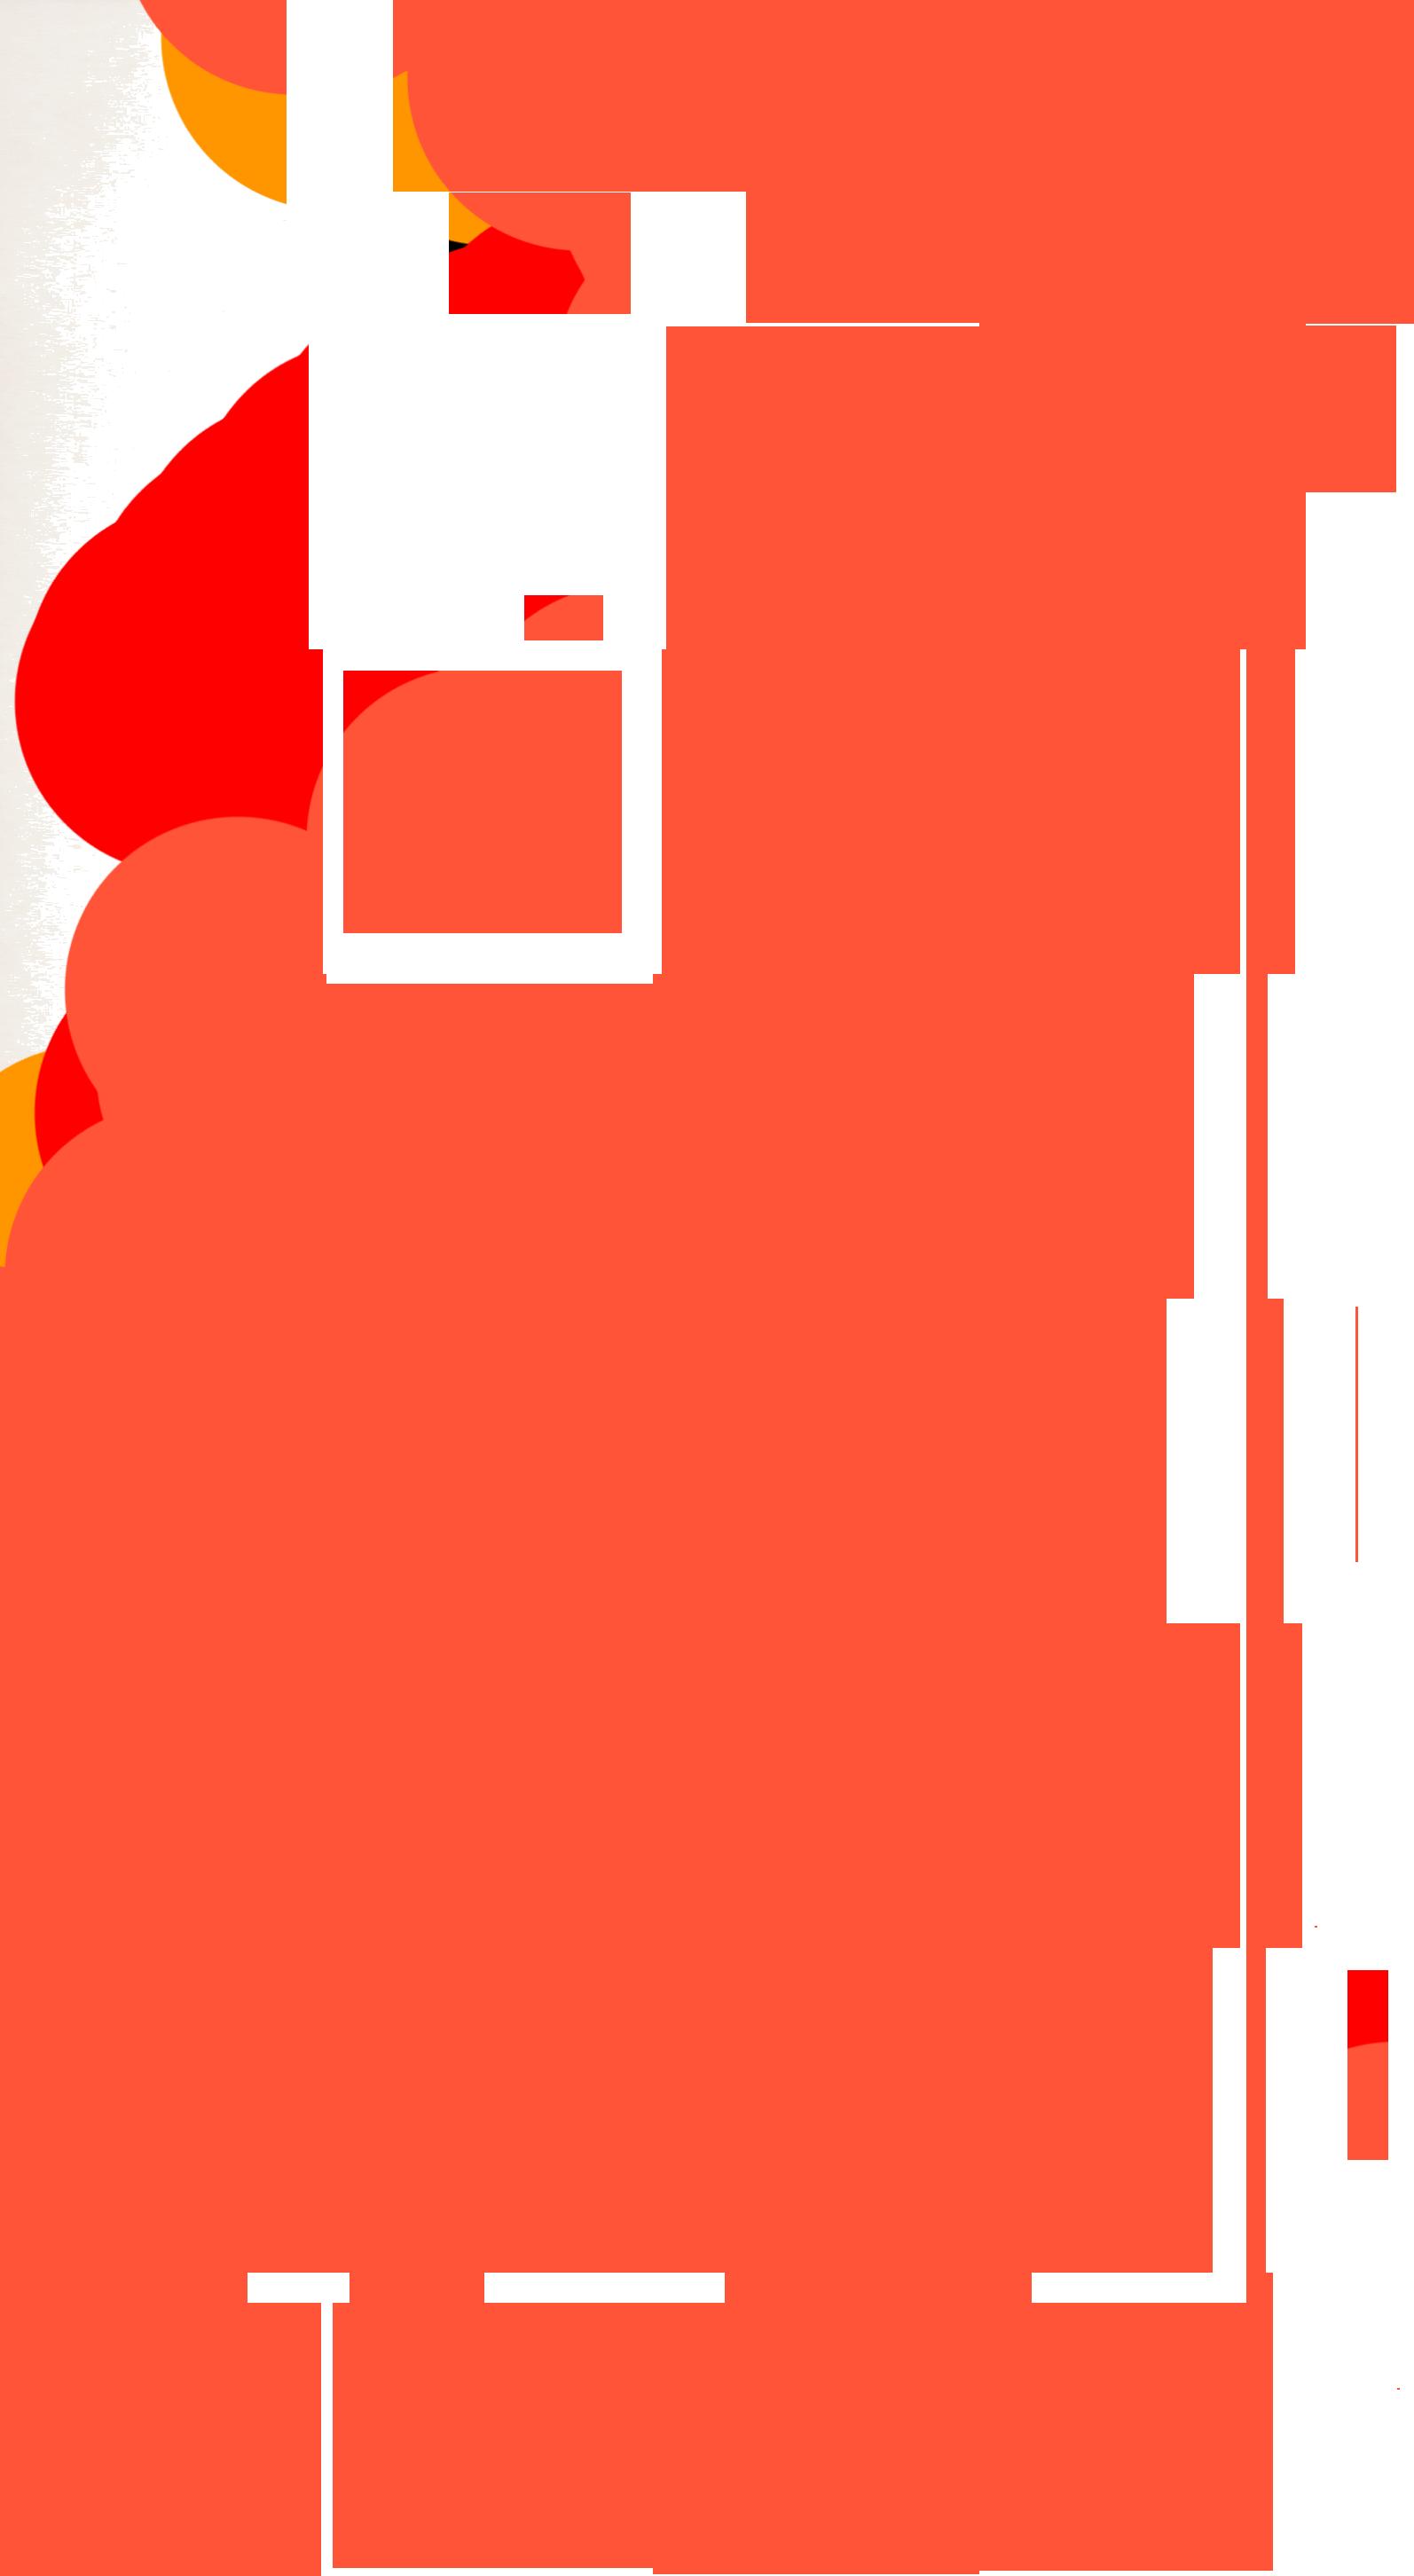 Pin von Emily Kloska auf Giraffe love <3 | Pinterest